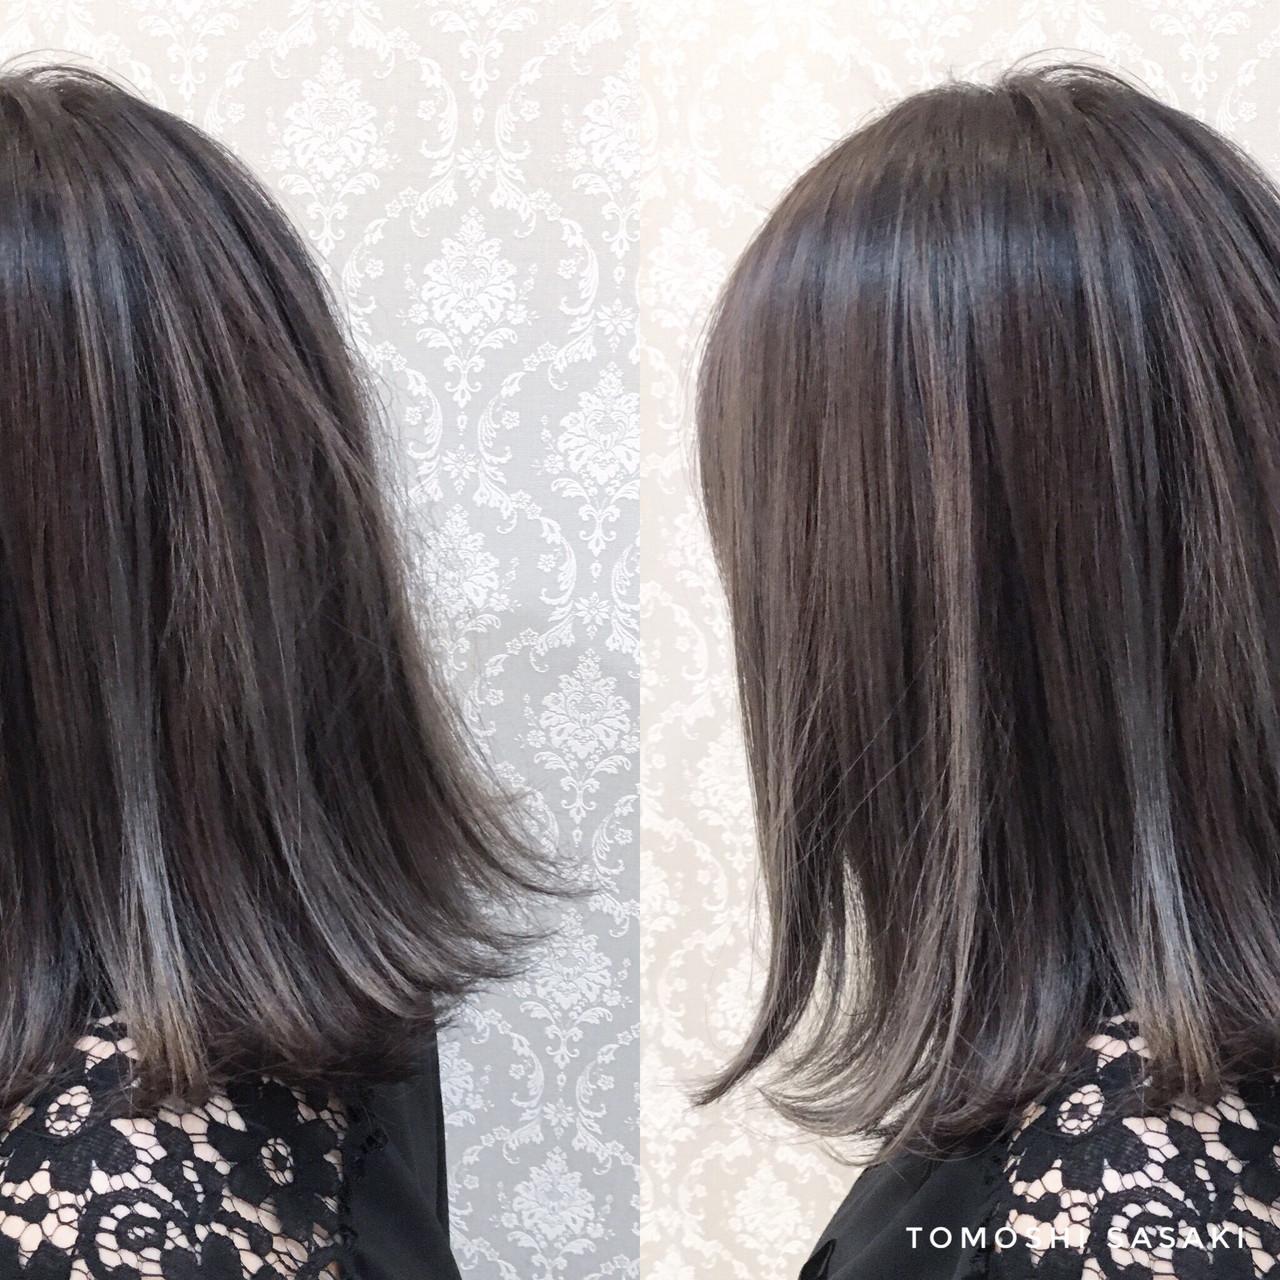 ハイライトを入れて外国人風カラーもできる! ササキ トモシCecil hair 札幌店